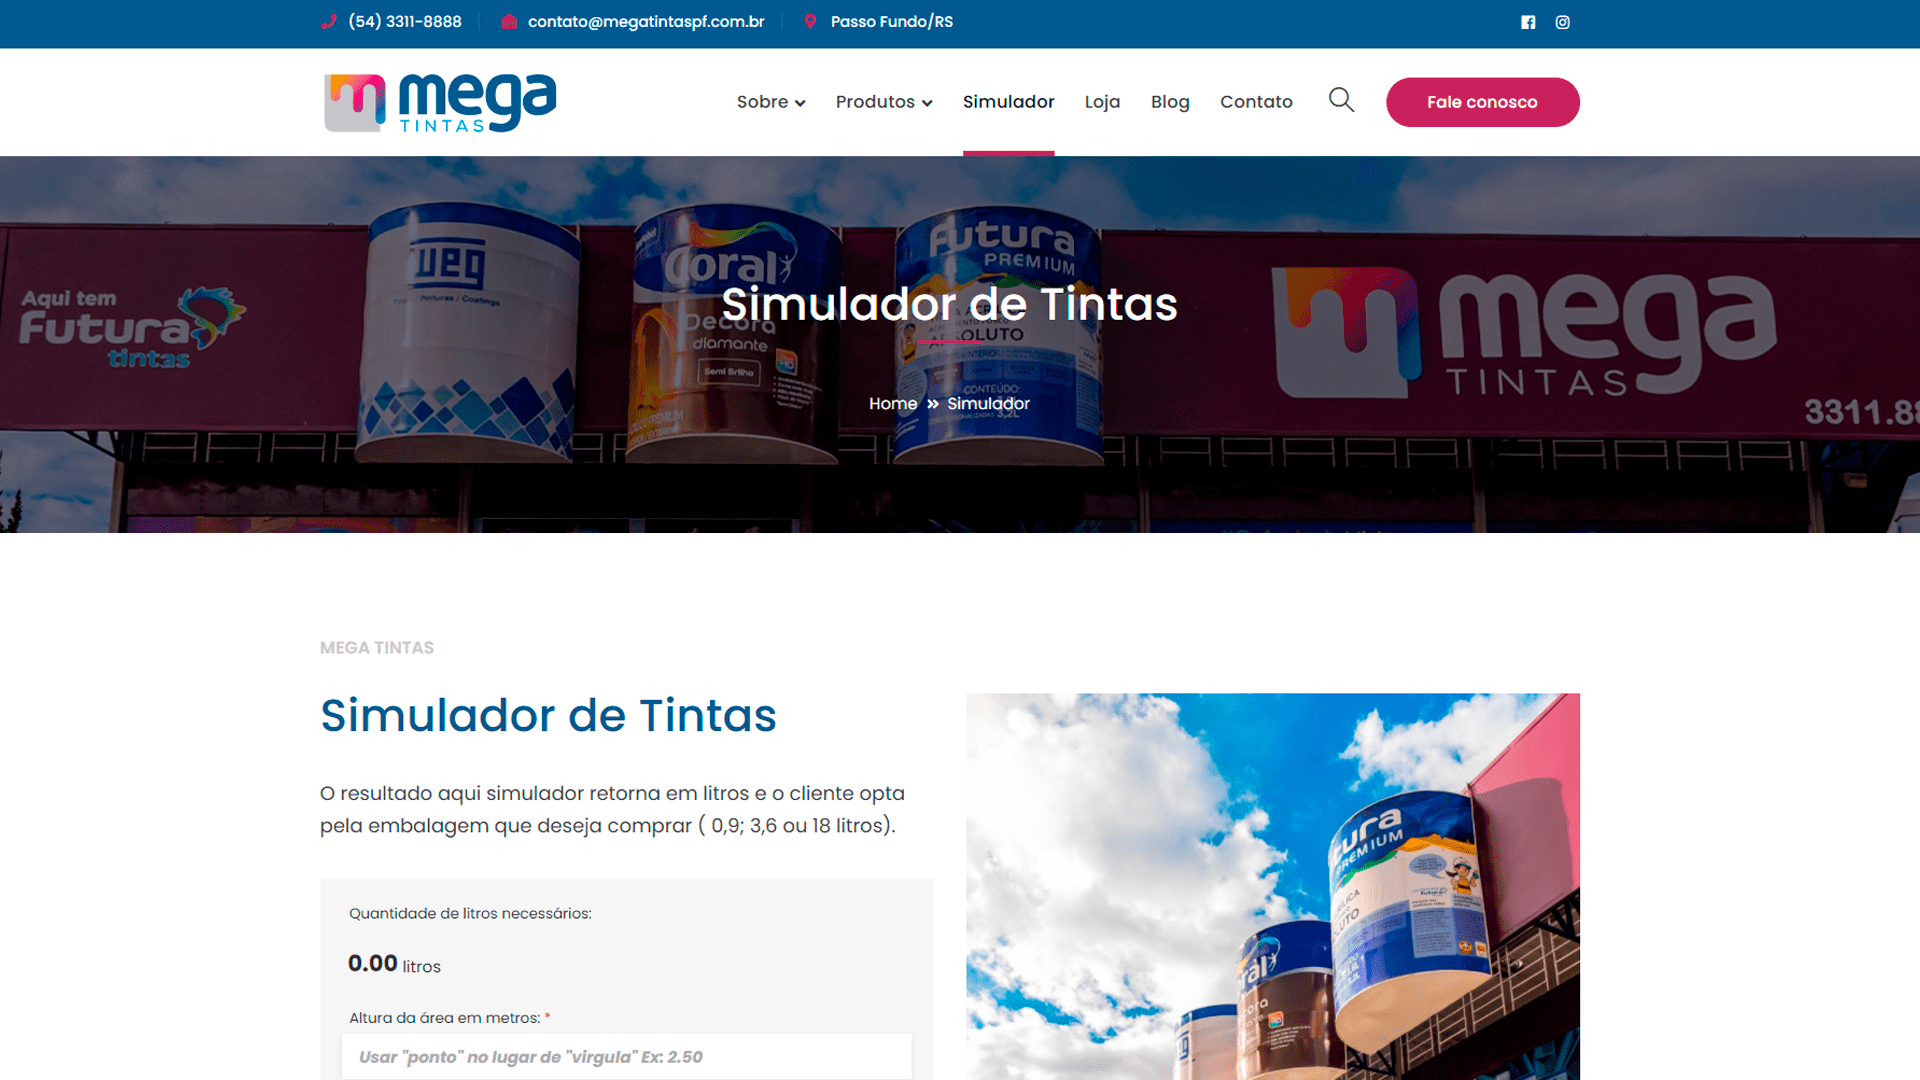 https://www.6i.com.br/case/mega-tintas/